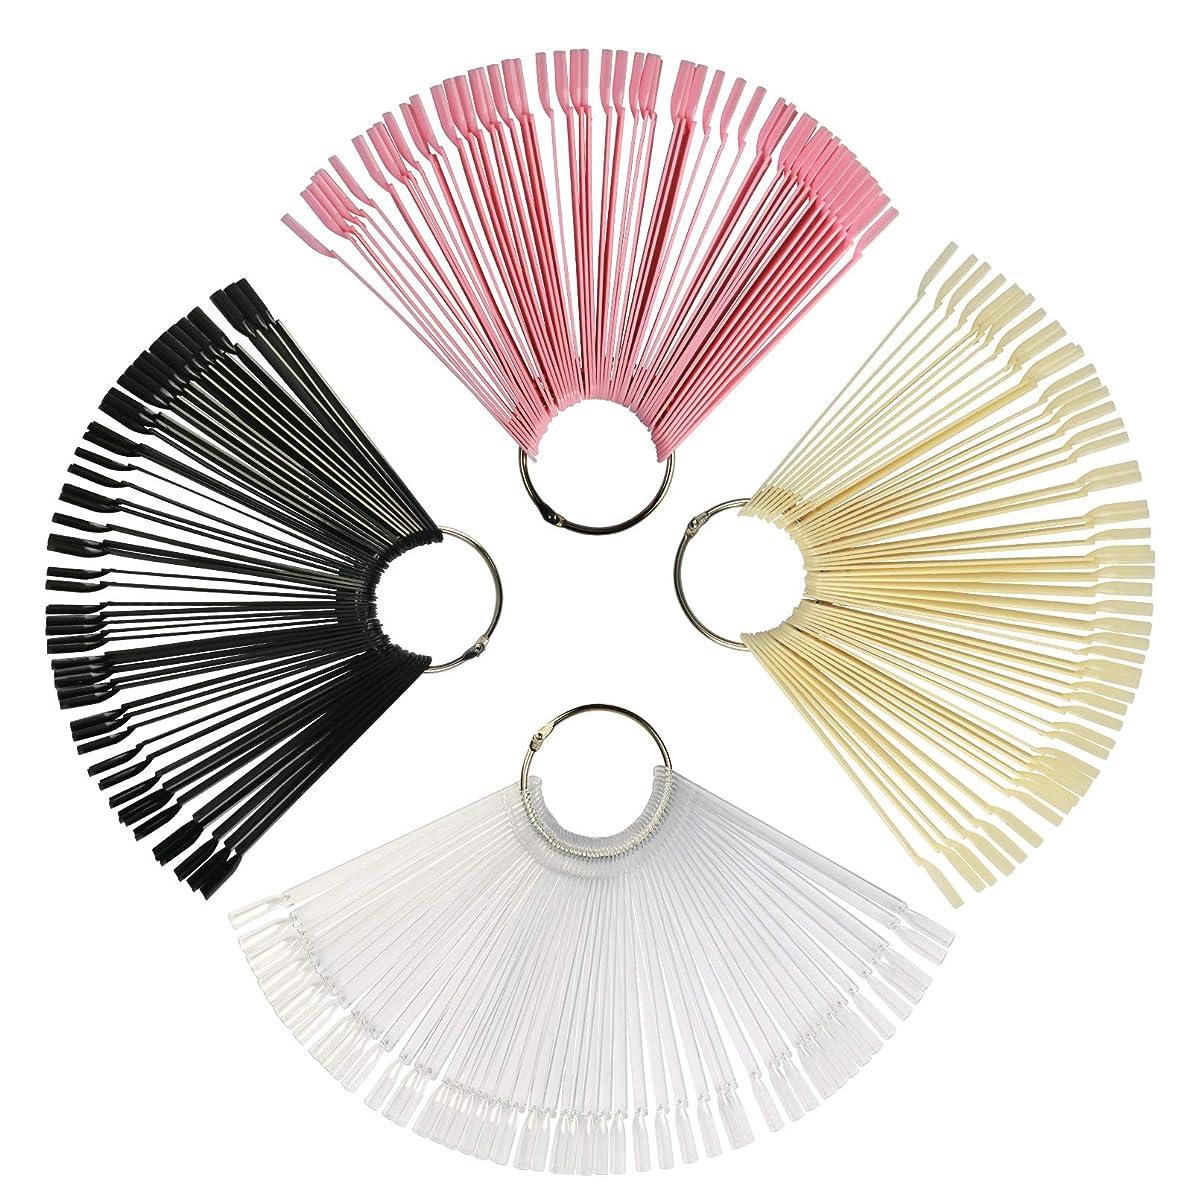 ネイルカラーチャート KAKOO スティック式 200枚 4色(透明?ブラック?ピンク?ナチュラルカラー) 4個リング付属 偽ネイル 練習用 ネイルアート チップ クリア カラーチャートサンプル 見本カラーチャート